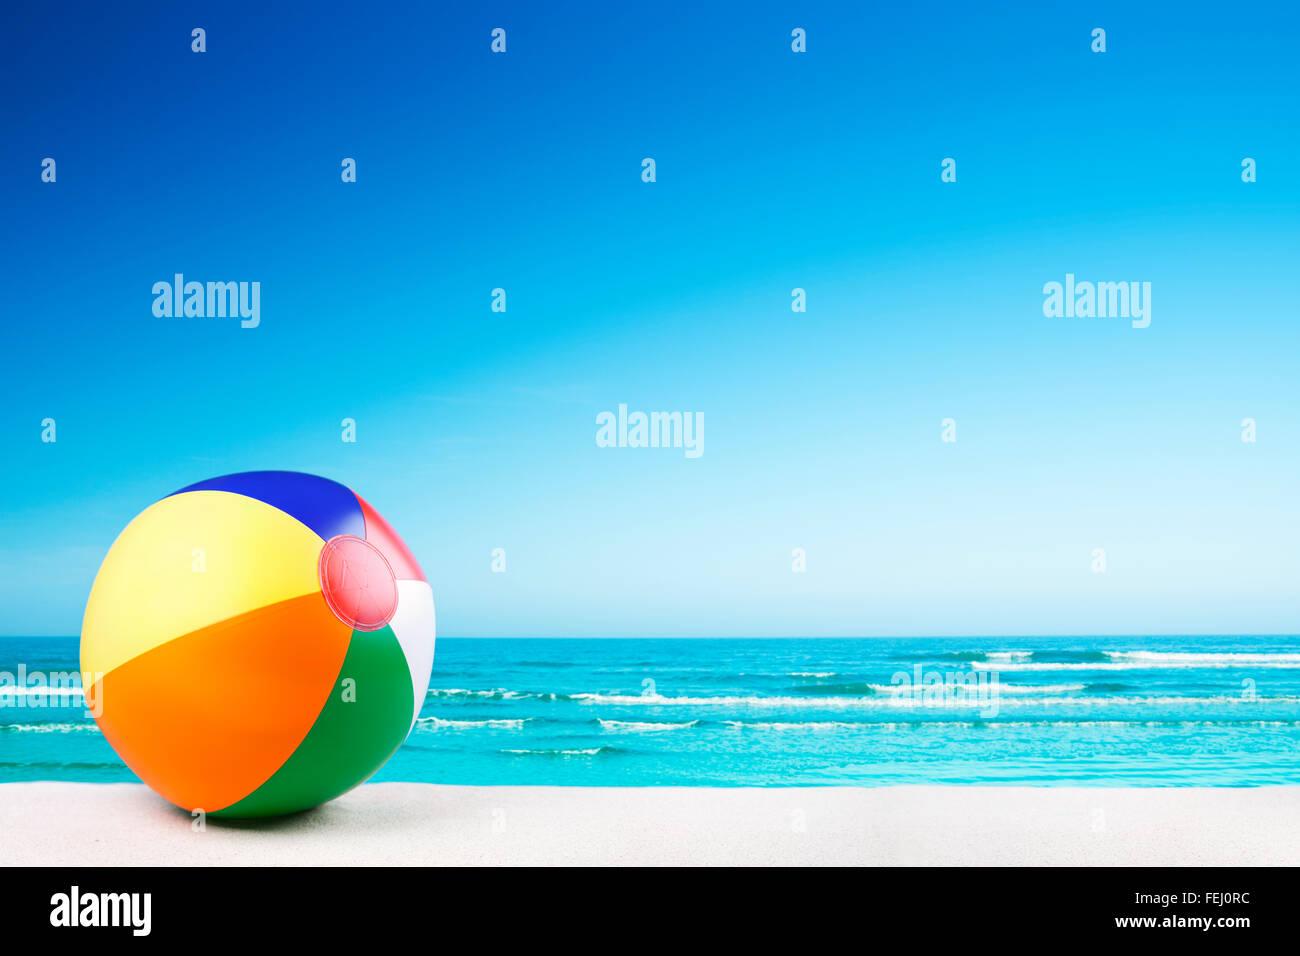 Una palla spiaggia su una bellissima spiaggia di sabbia bianca in estate. Immagini Stock